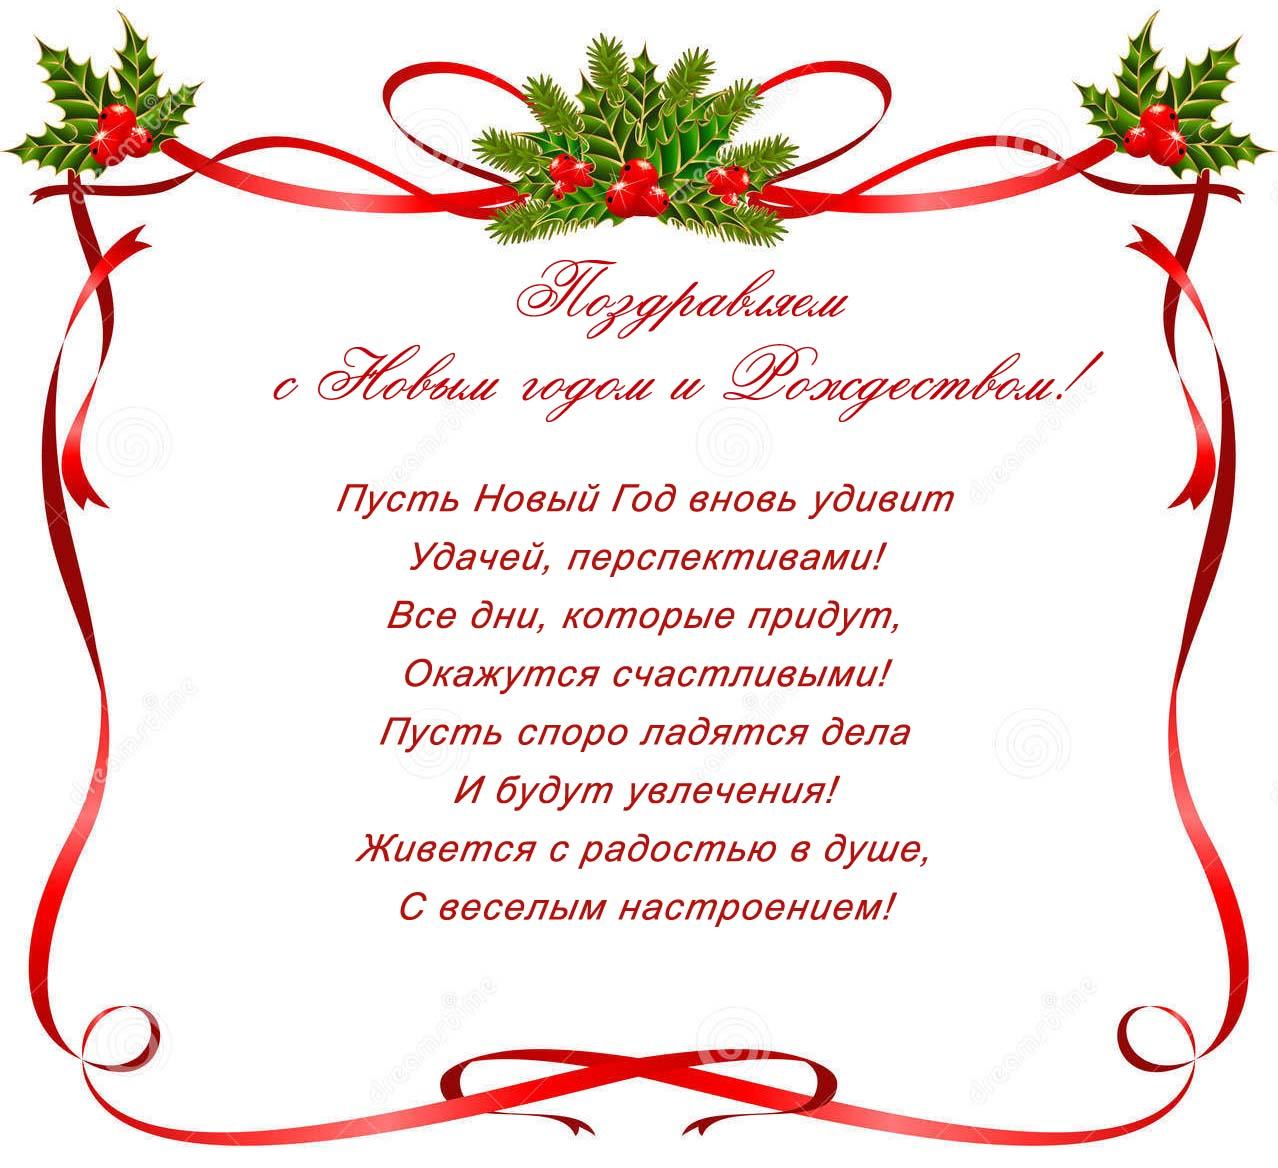 Поздравительные открытки и поздравления на новый год